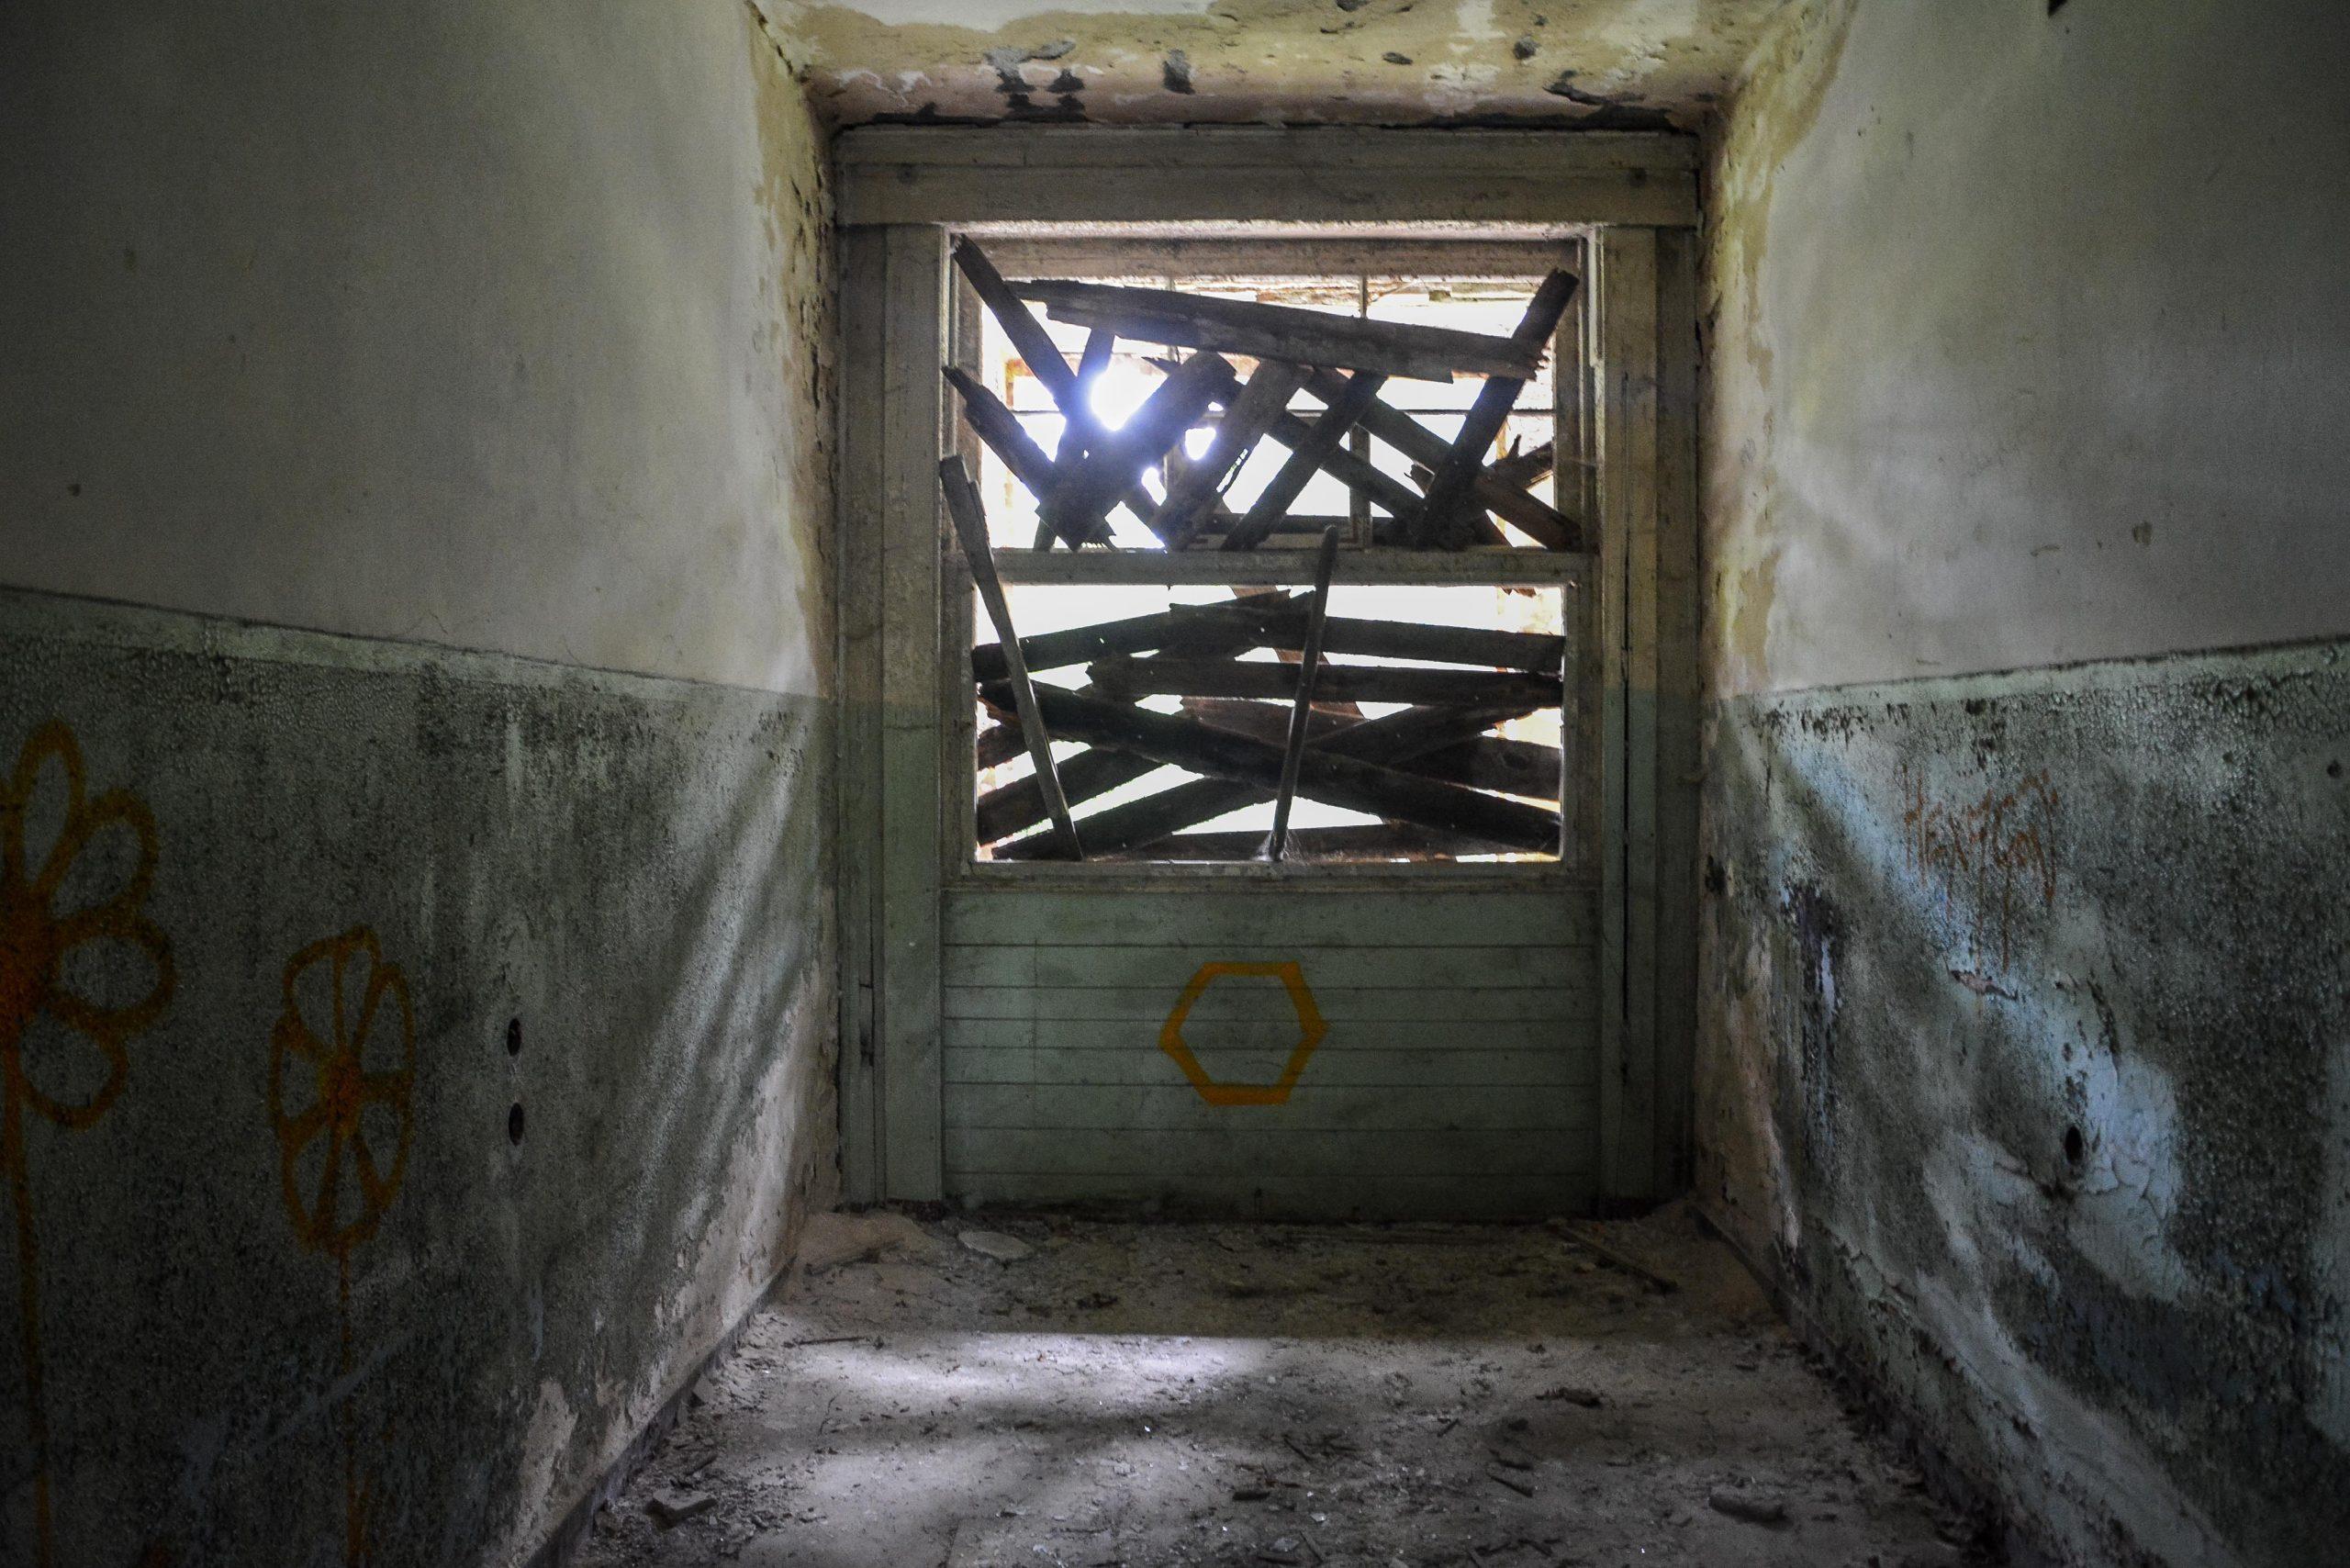 boarded up window tuberkulose heilstaette grabowsee sanatorium oranienburg lost places abandoned urbex brandenburg germany deutschland